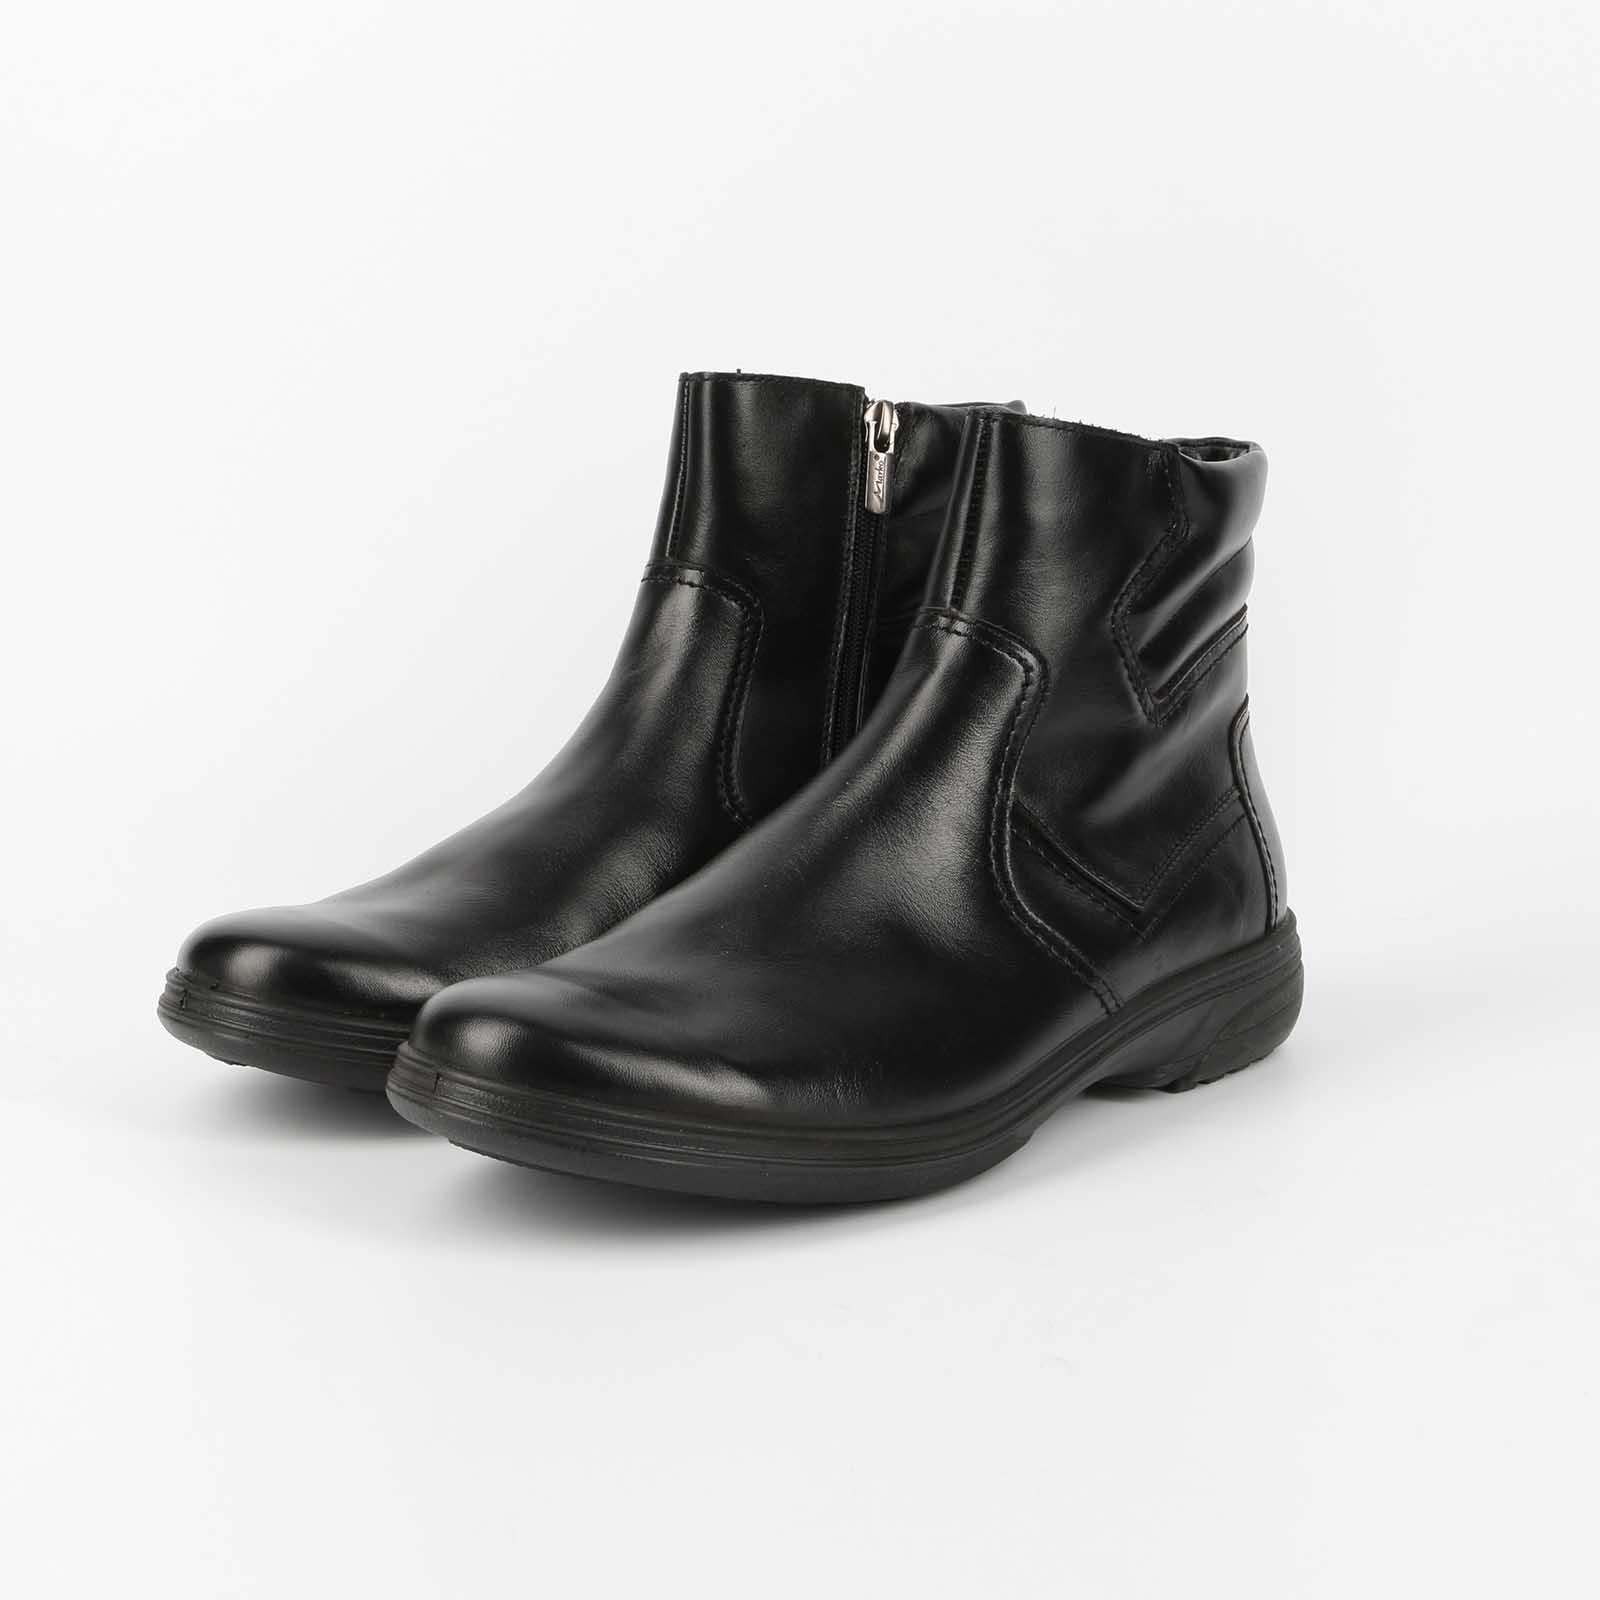 Ботинки мужские с удобной колодкой